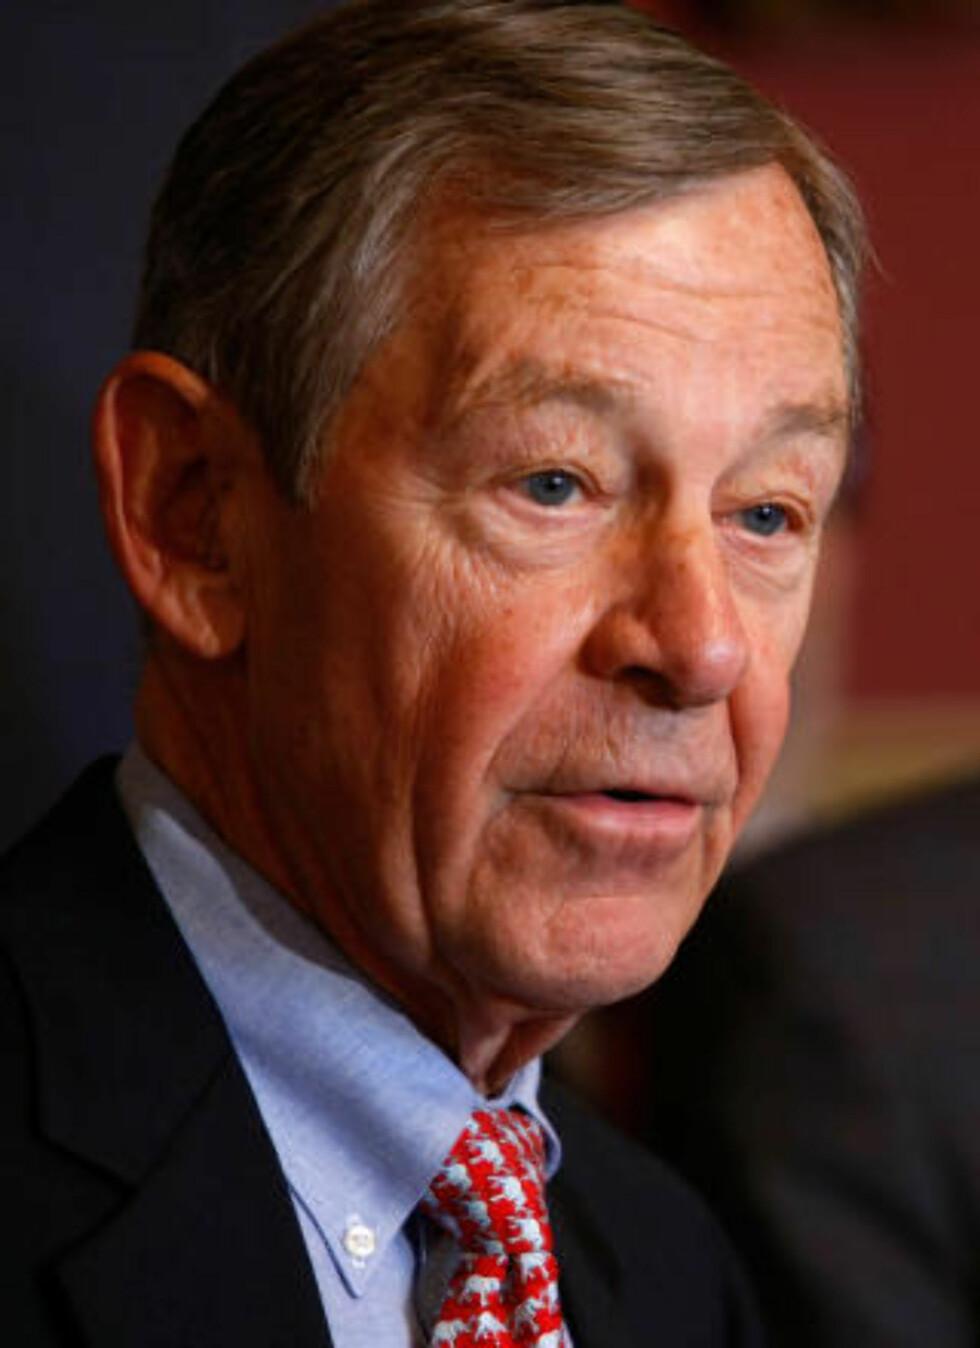 PÅ GJERDET:  Senator George Voinovich fra Ohio har ikke bestemt seg for hva han vil stemme om klimaloven. Foto: AFP/ SCANPIX.